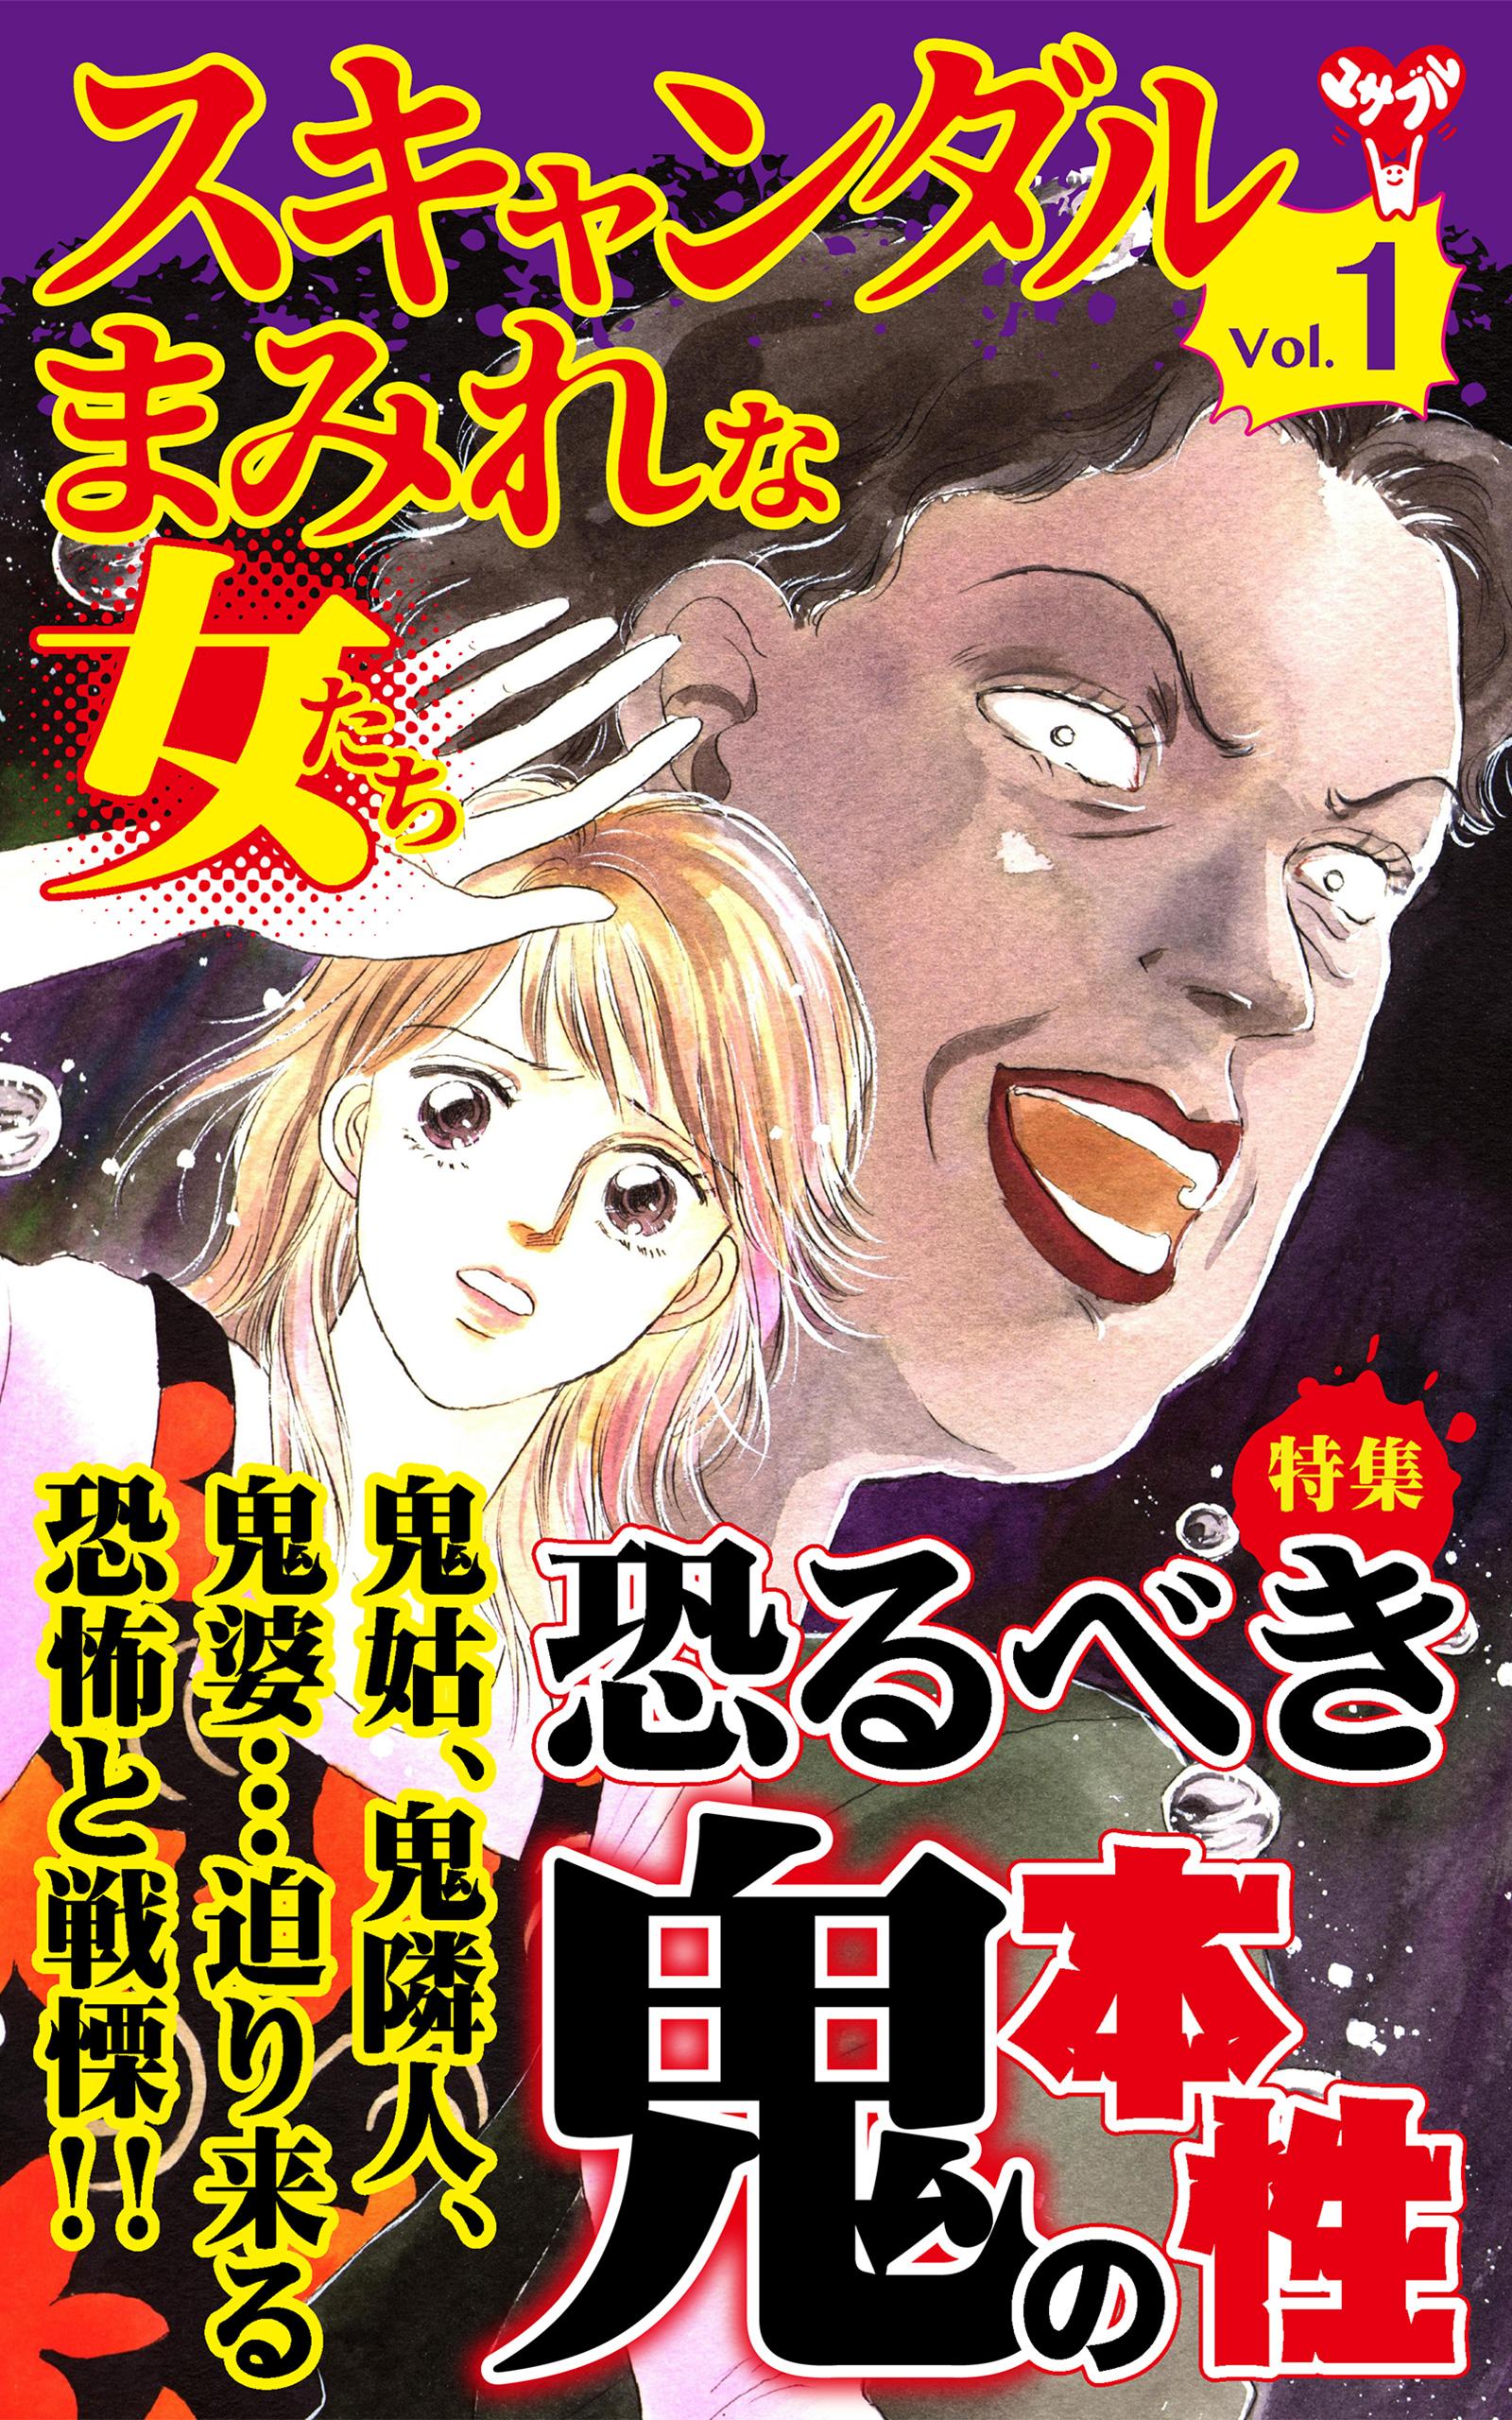 スキャンダルまみれな女たちVol.1(ざまぁみろ!!)